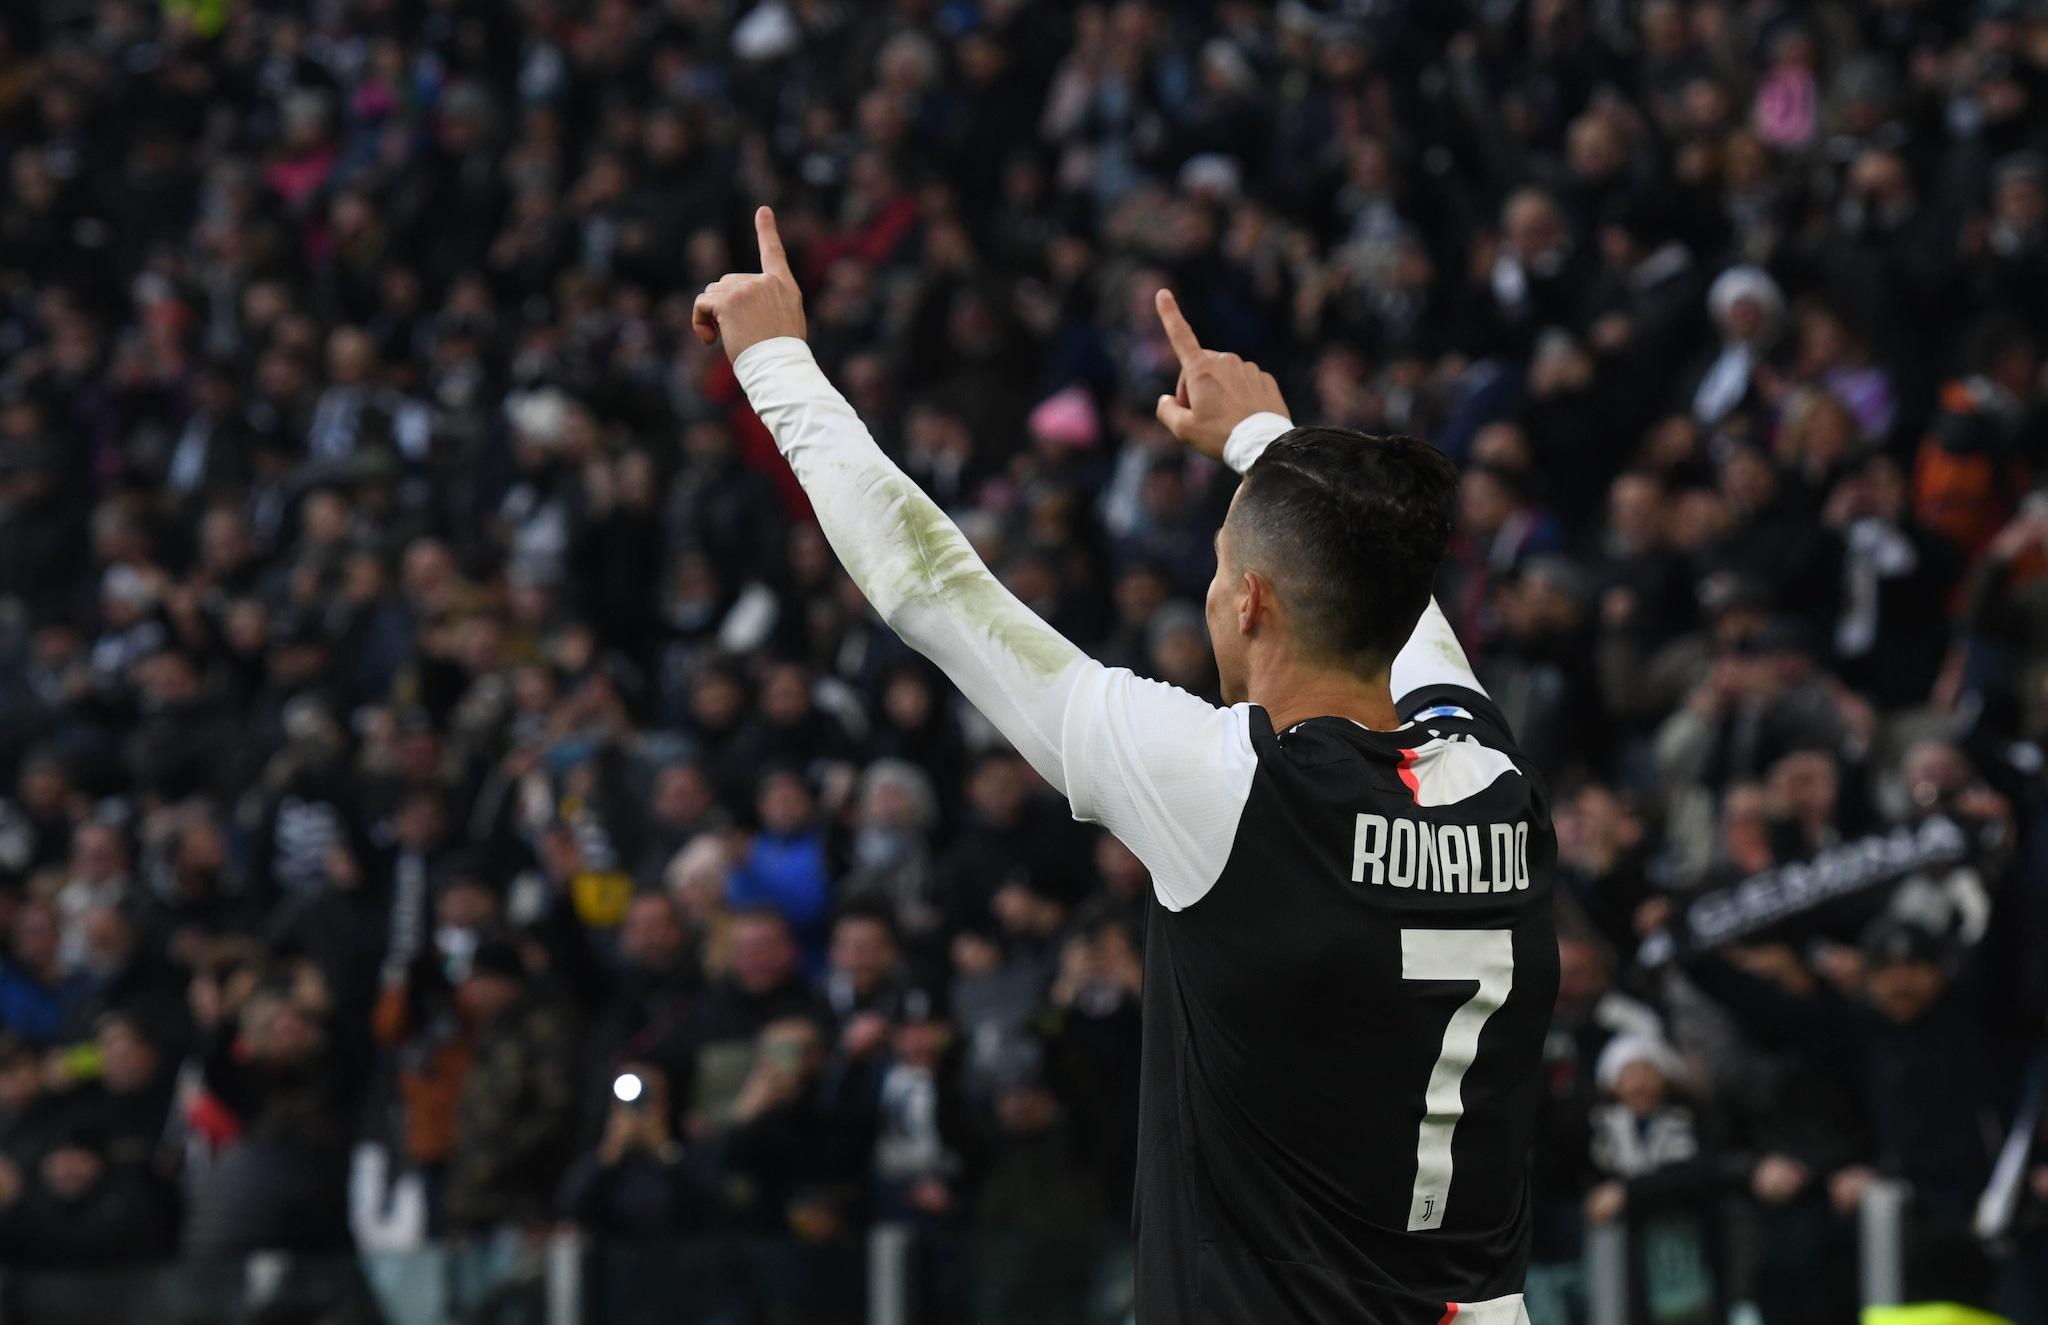 Prima tripletta in Serie A per Cristiano Ronaldo.